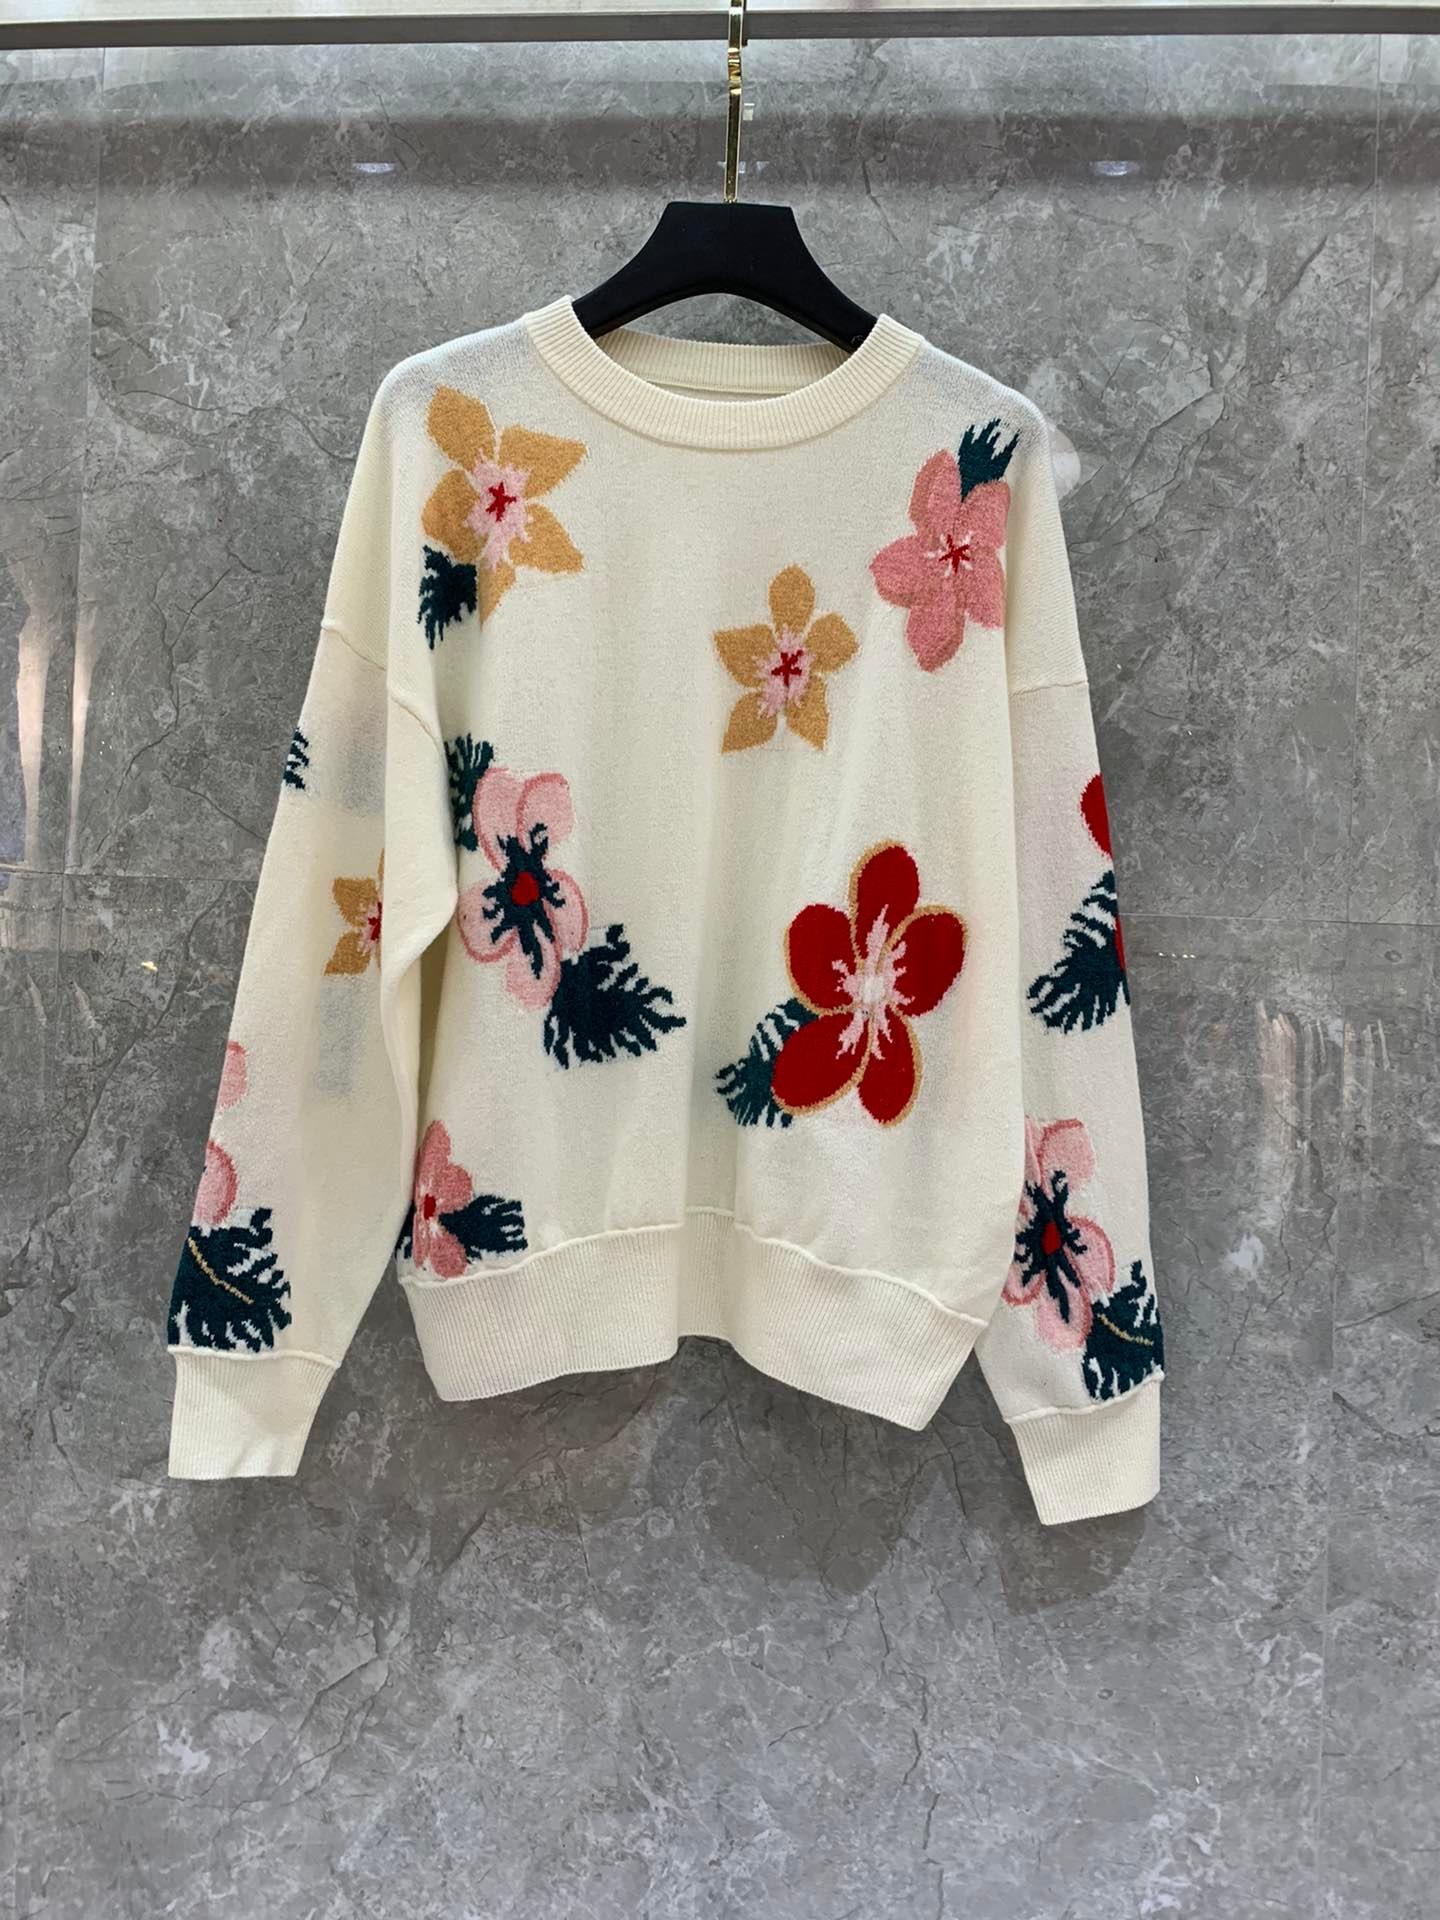 2019 inverno nova moda flor impressão lã camisola feminina tamanho s m l frete grátis para todo o mundo - 2